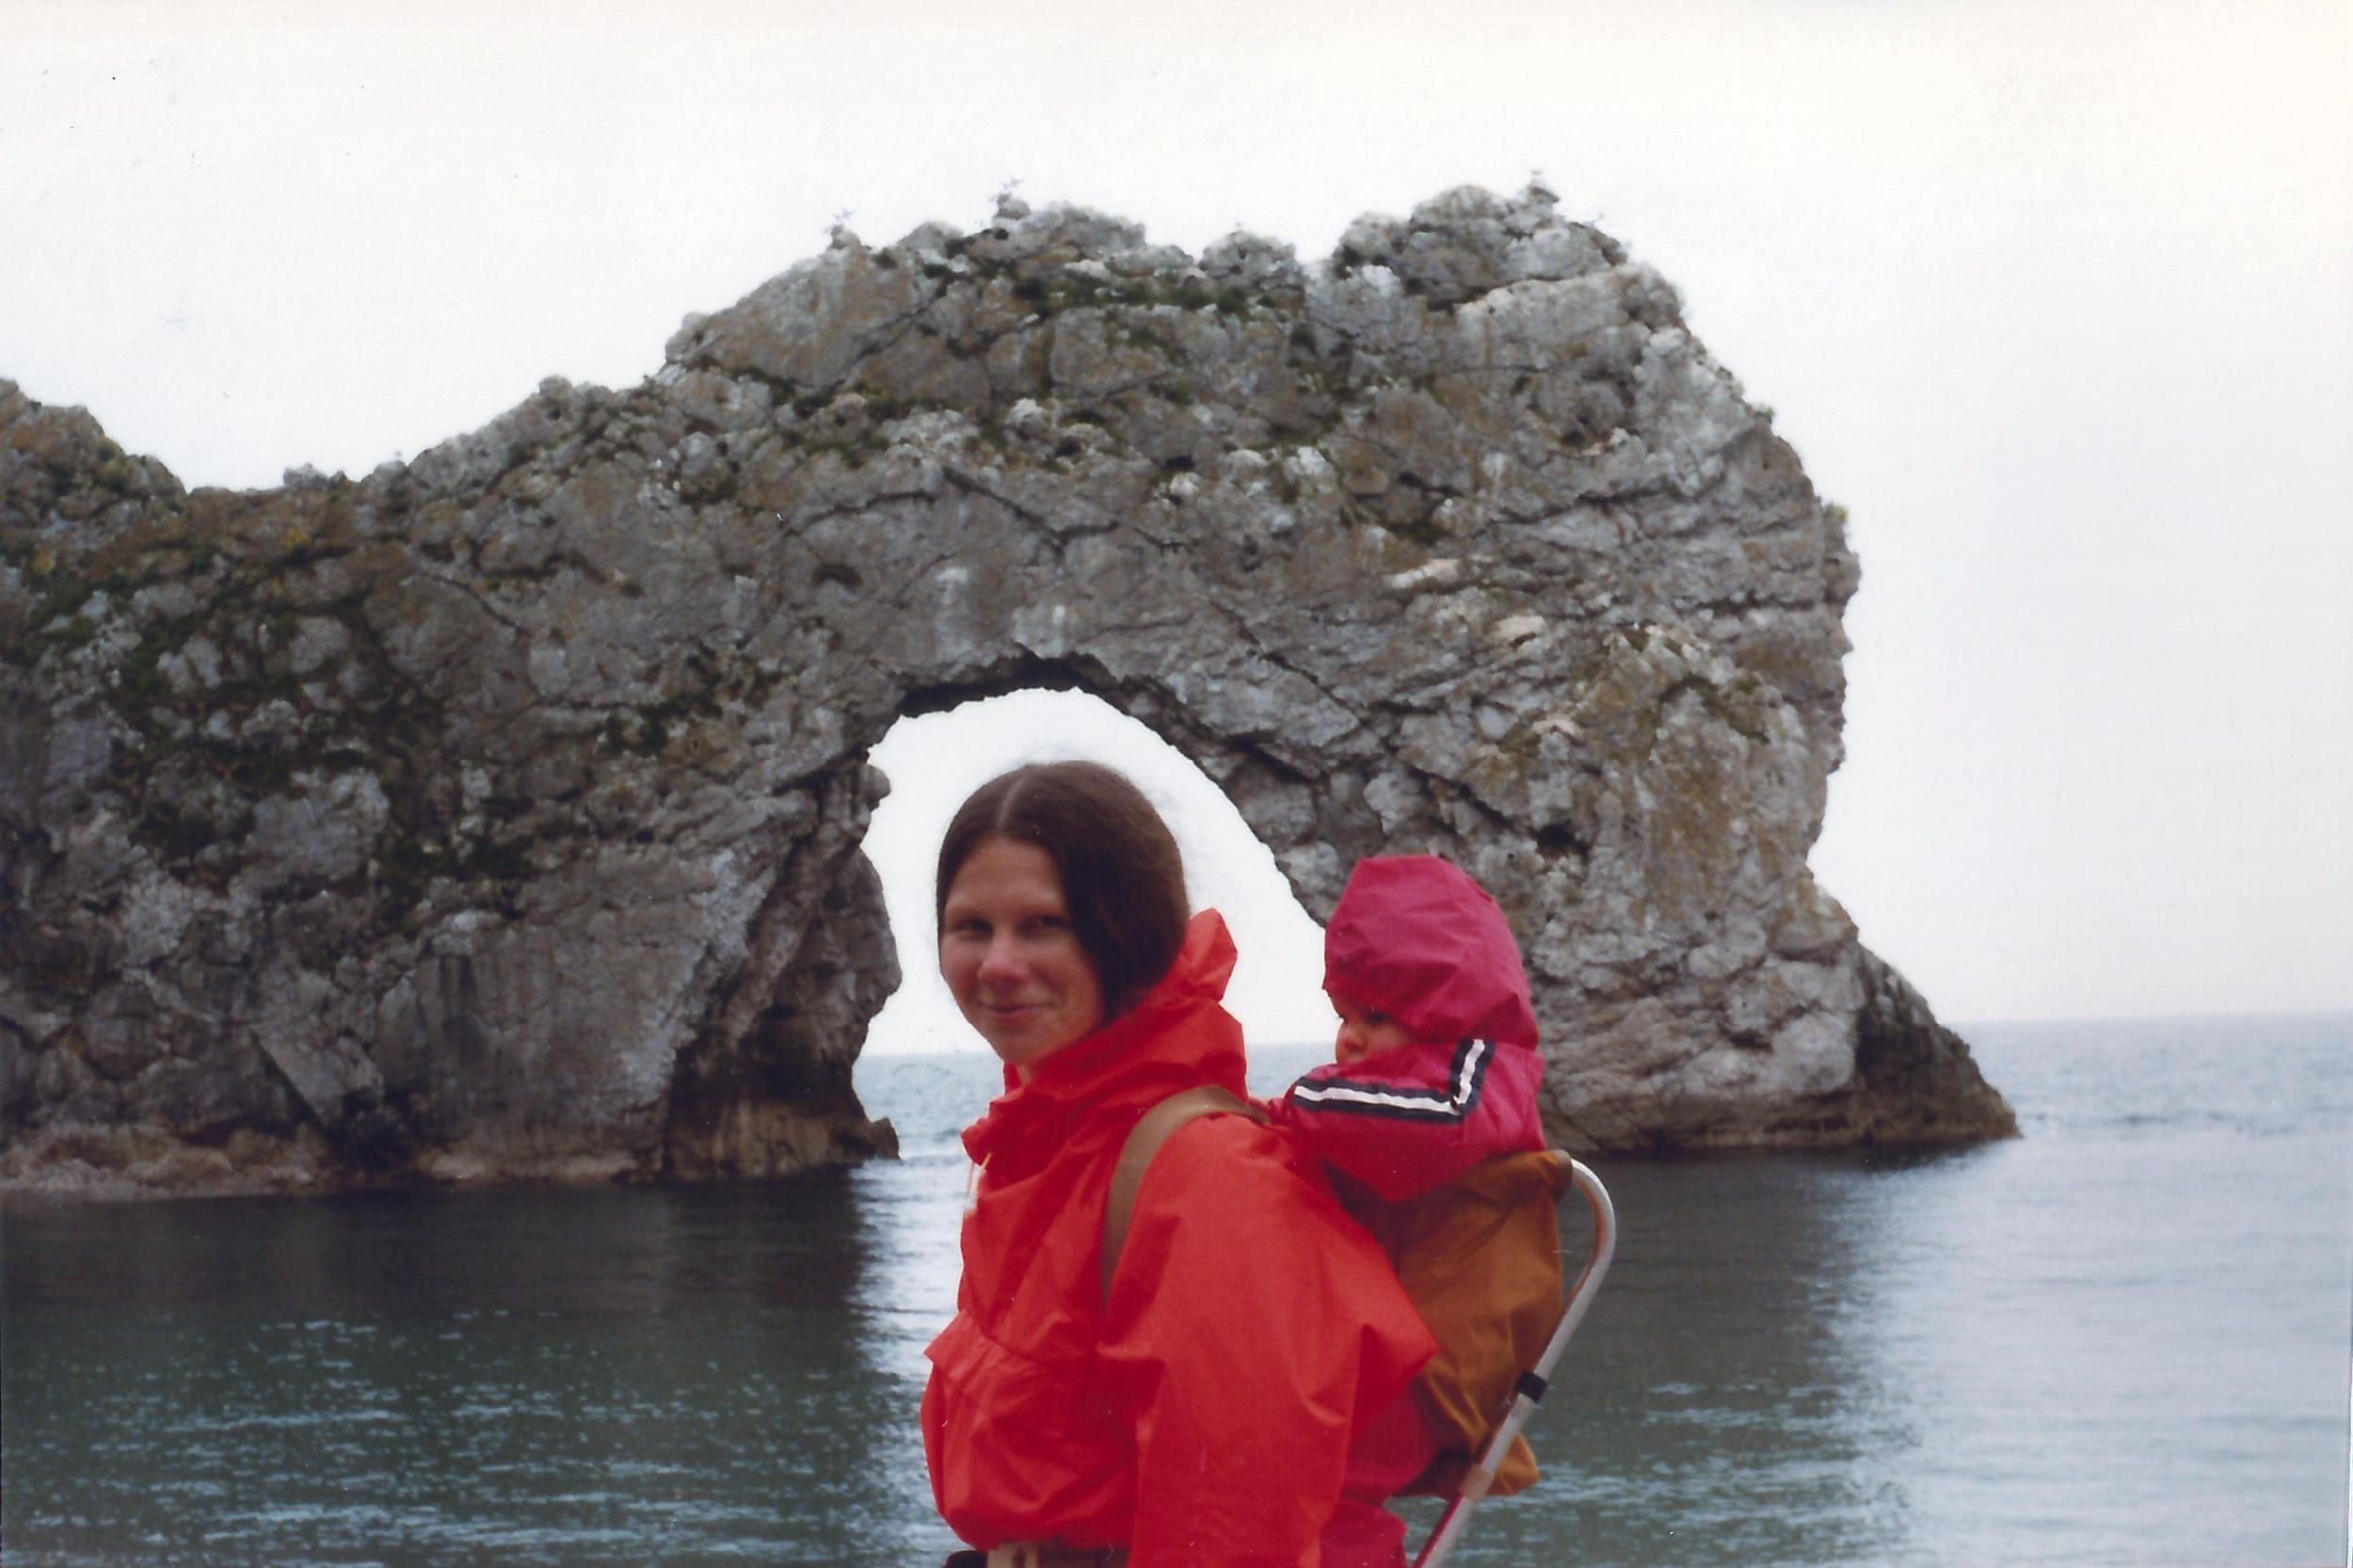 Mum & me at Durdle Door circa 1979